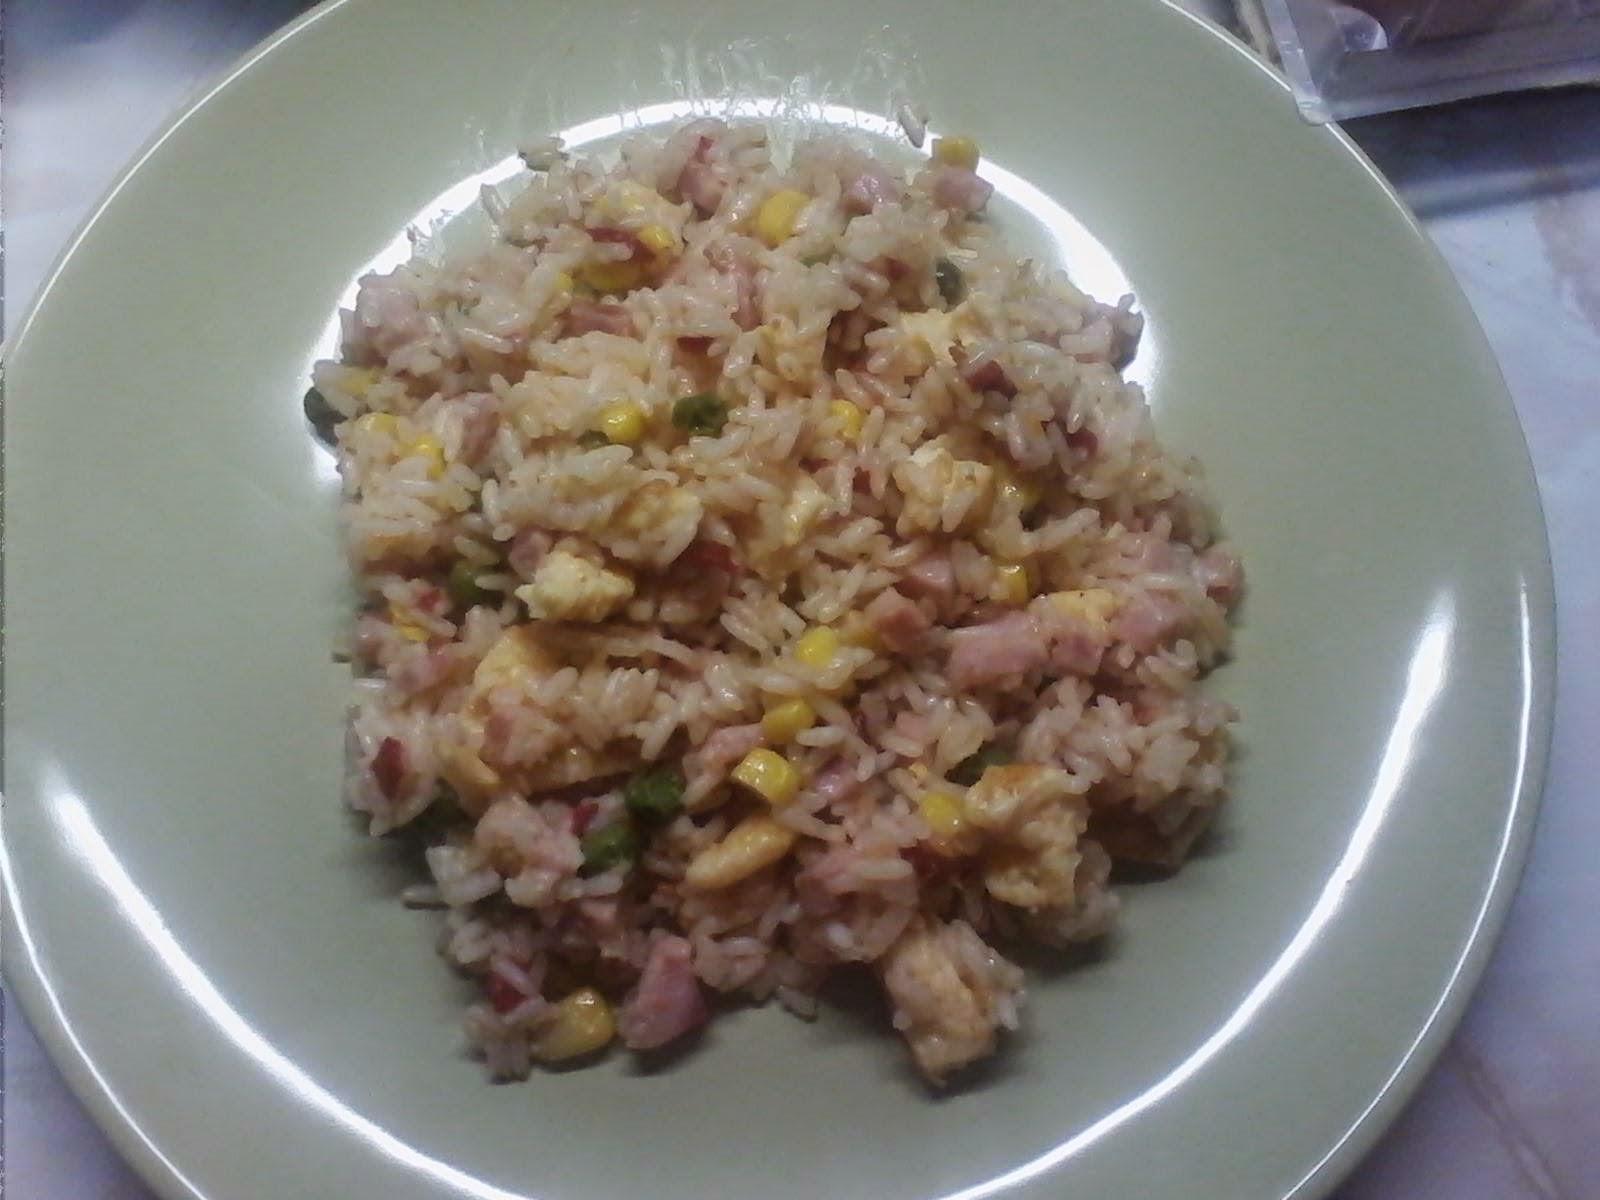 Las recetas de la cookermatic arroz 3 delicias for Cocinar arroz 3 delicias